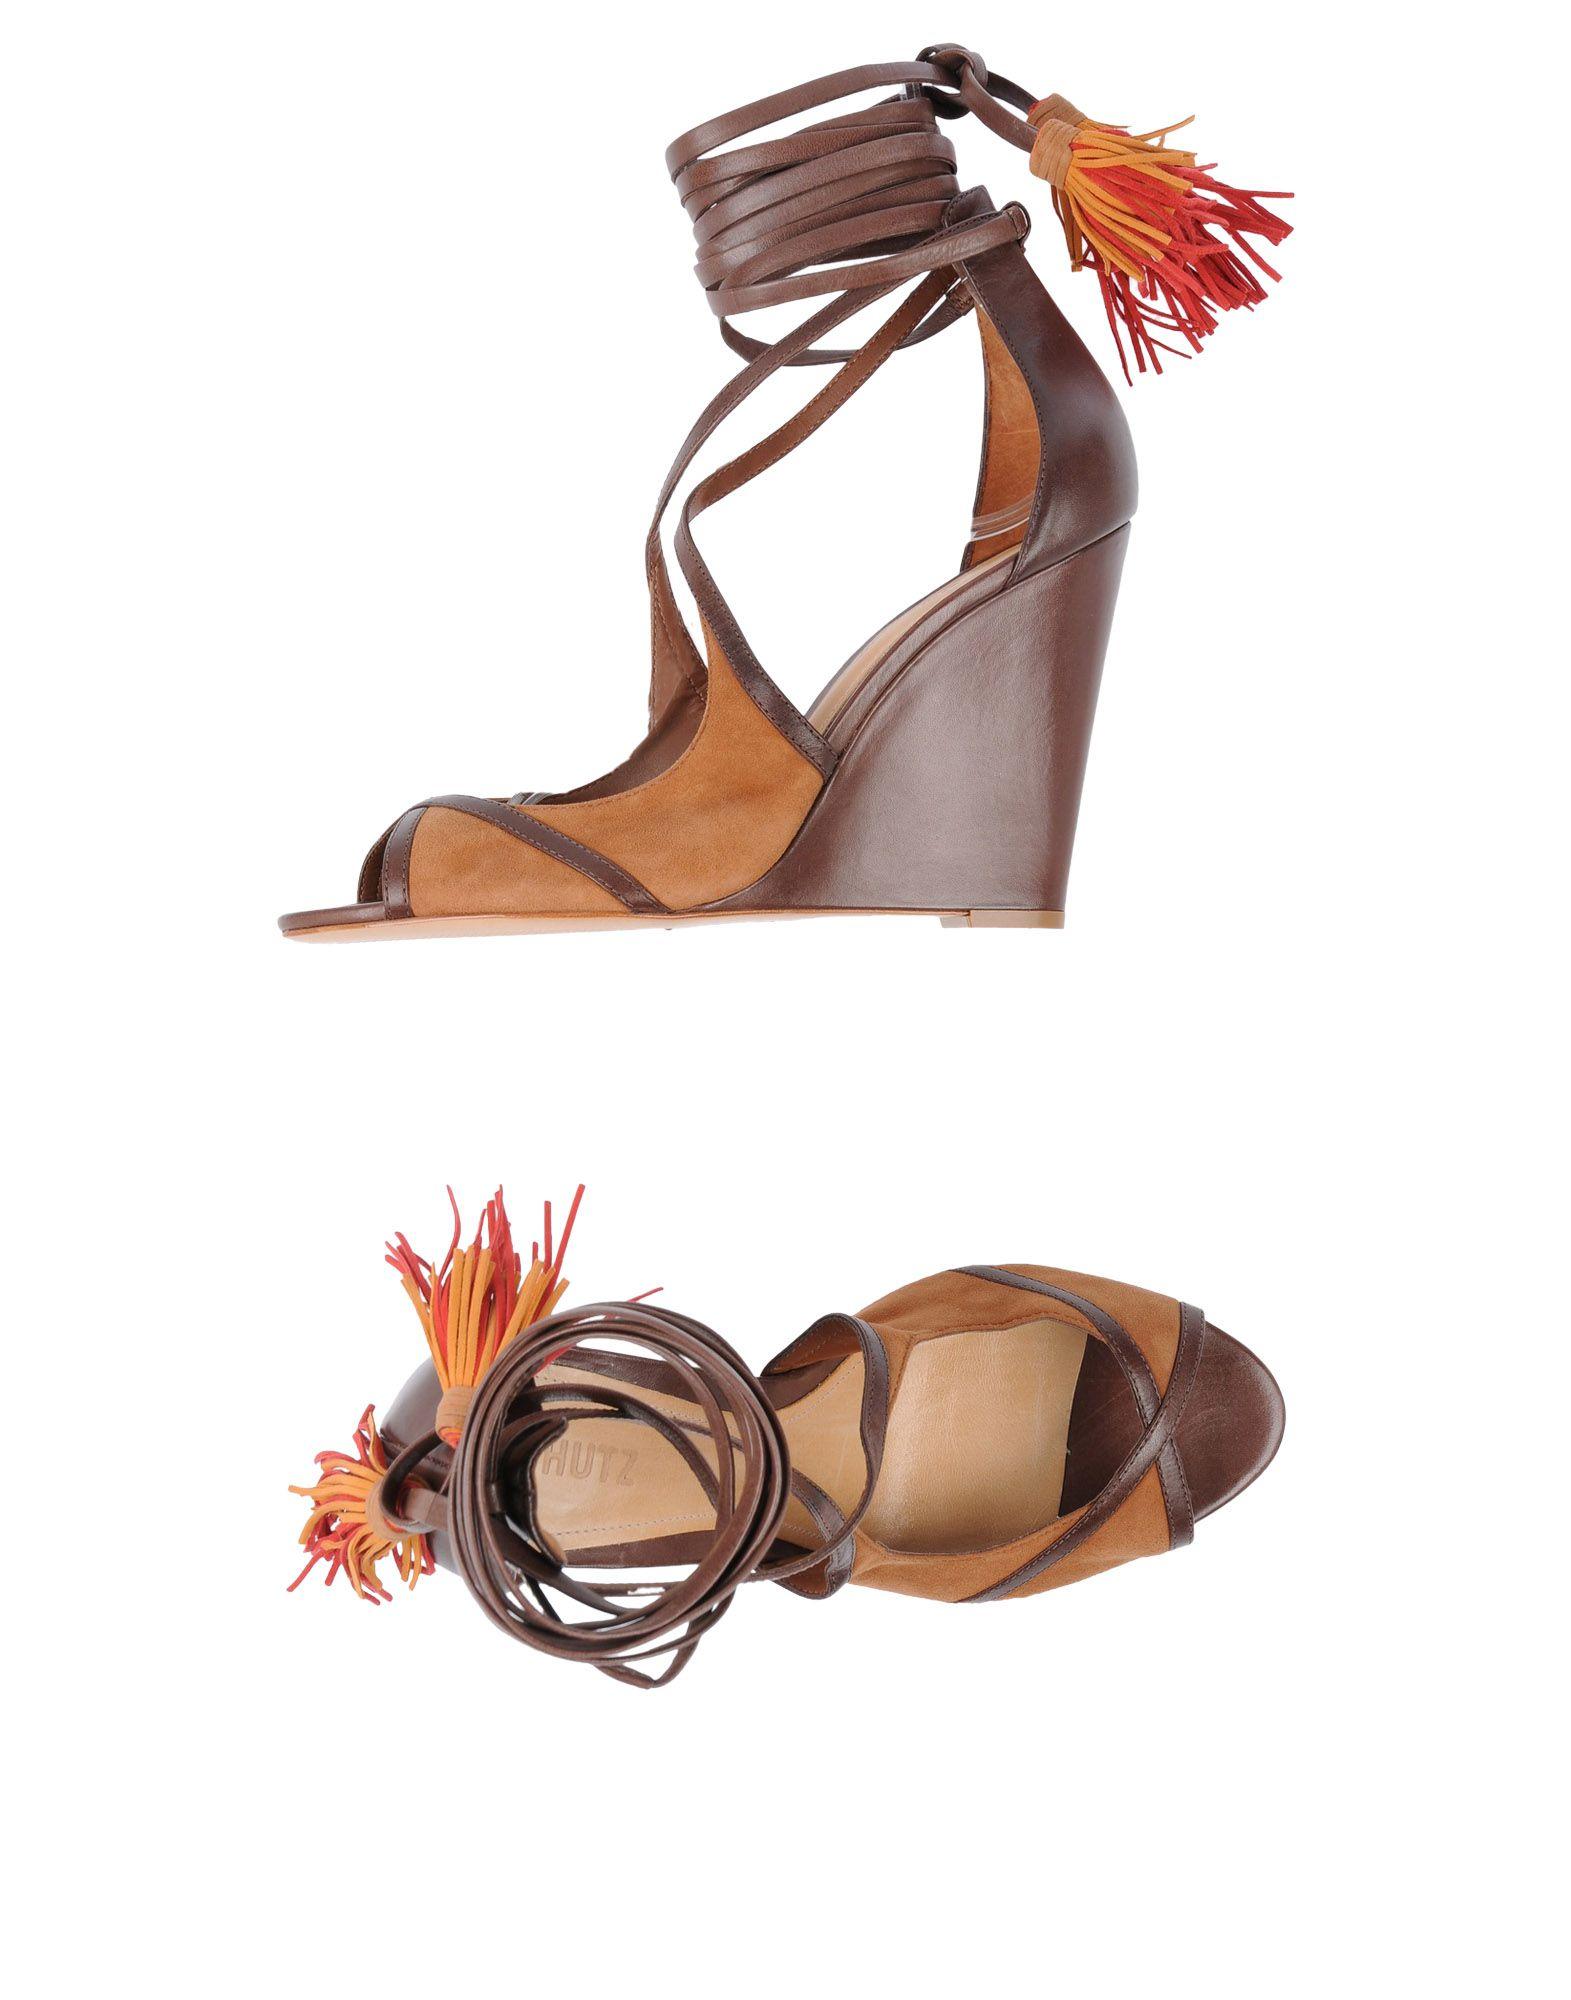 Schutz Sandalen lohnt Damen Gutes Preis-Leistungs-Verhältnis, es lohnt Sandalen sich 12632 3e5cc6